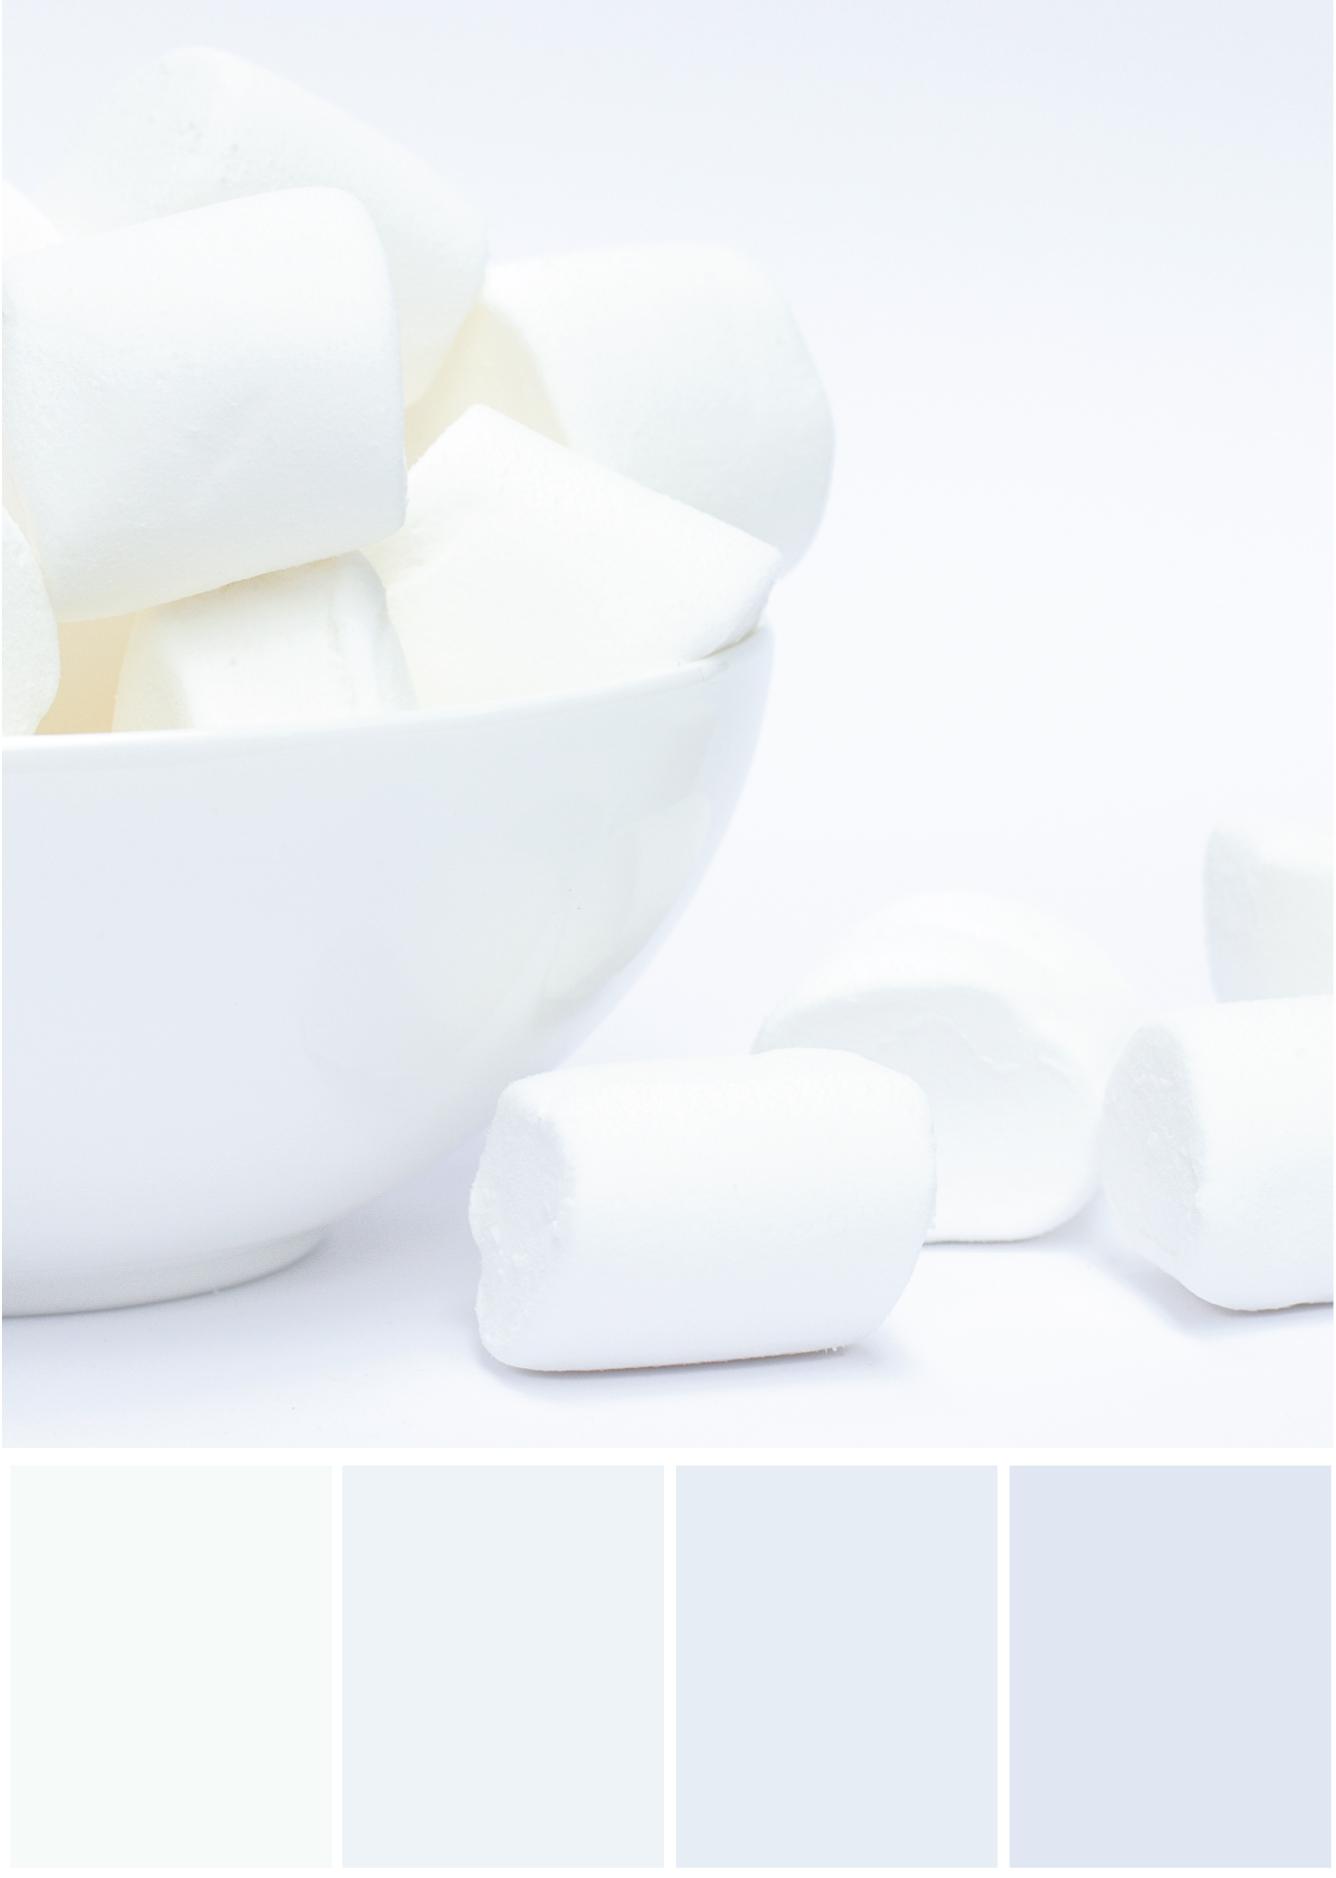 Farbkombinationen mit Weiß und Grau - Marshmallows - Tweed & Greet